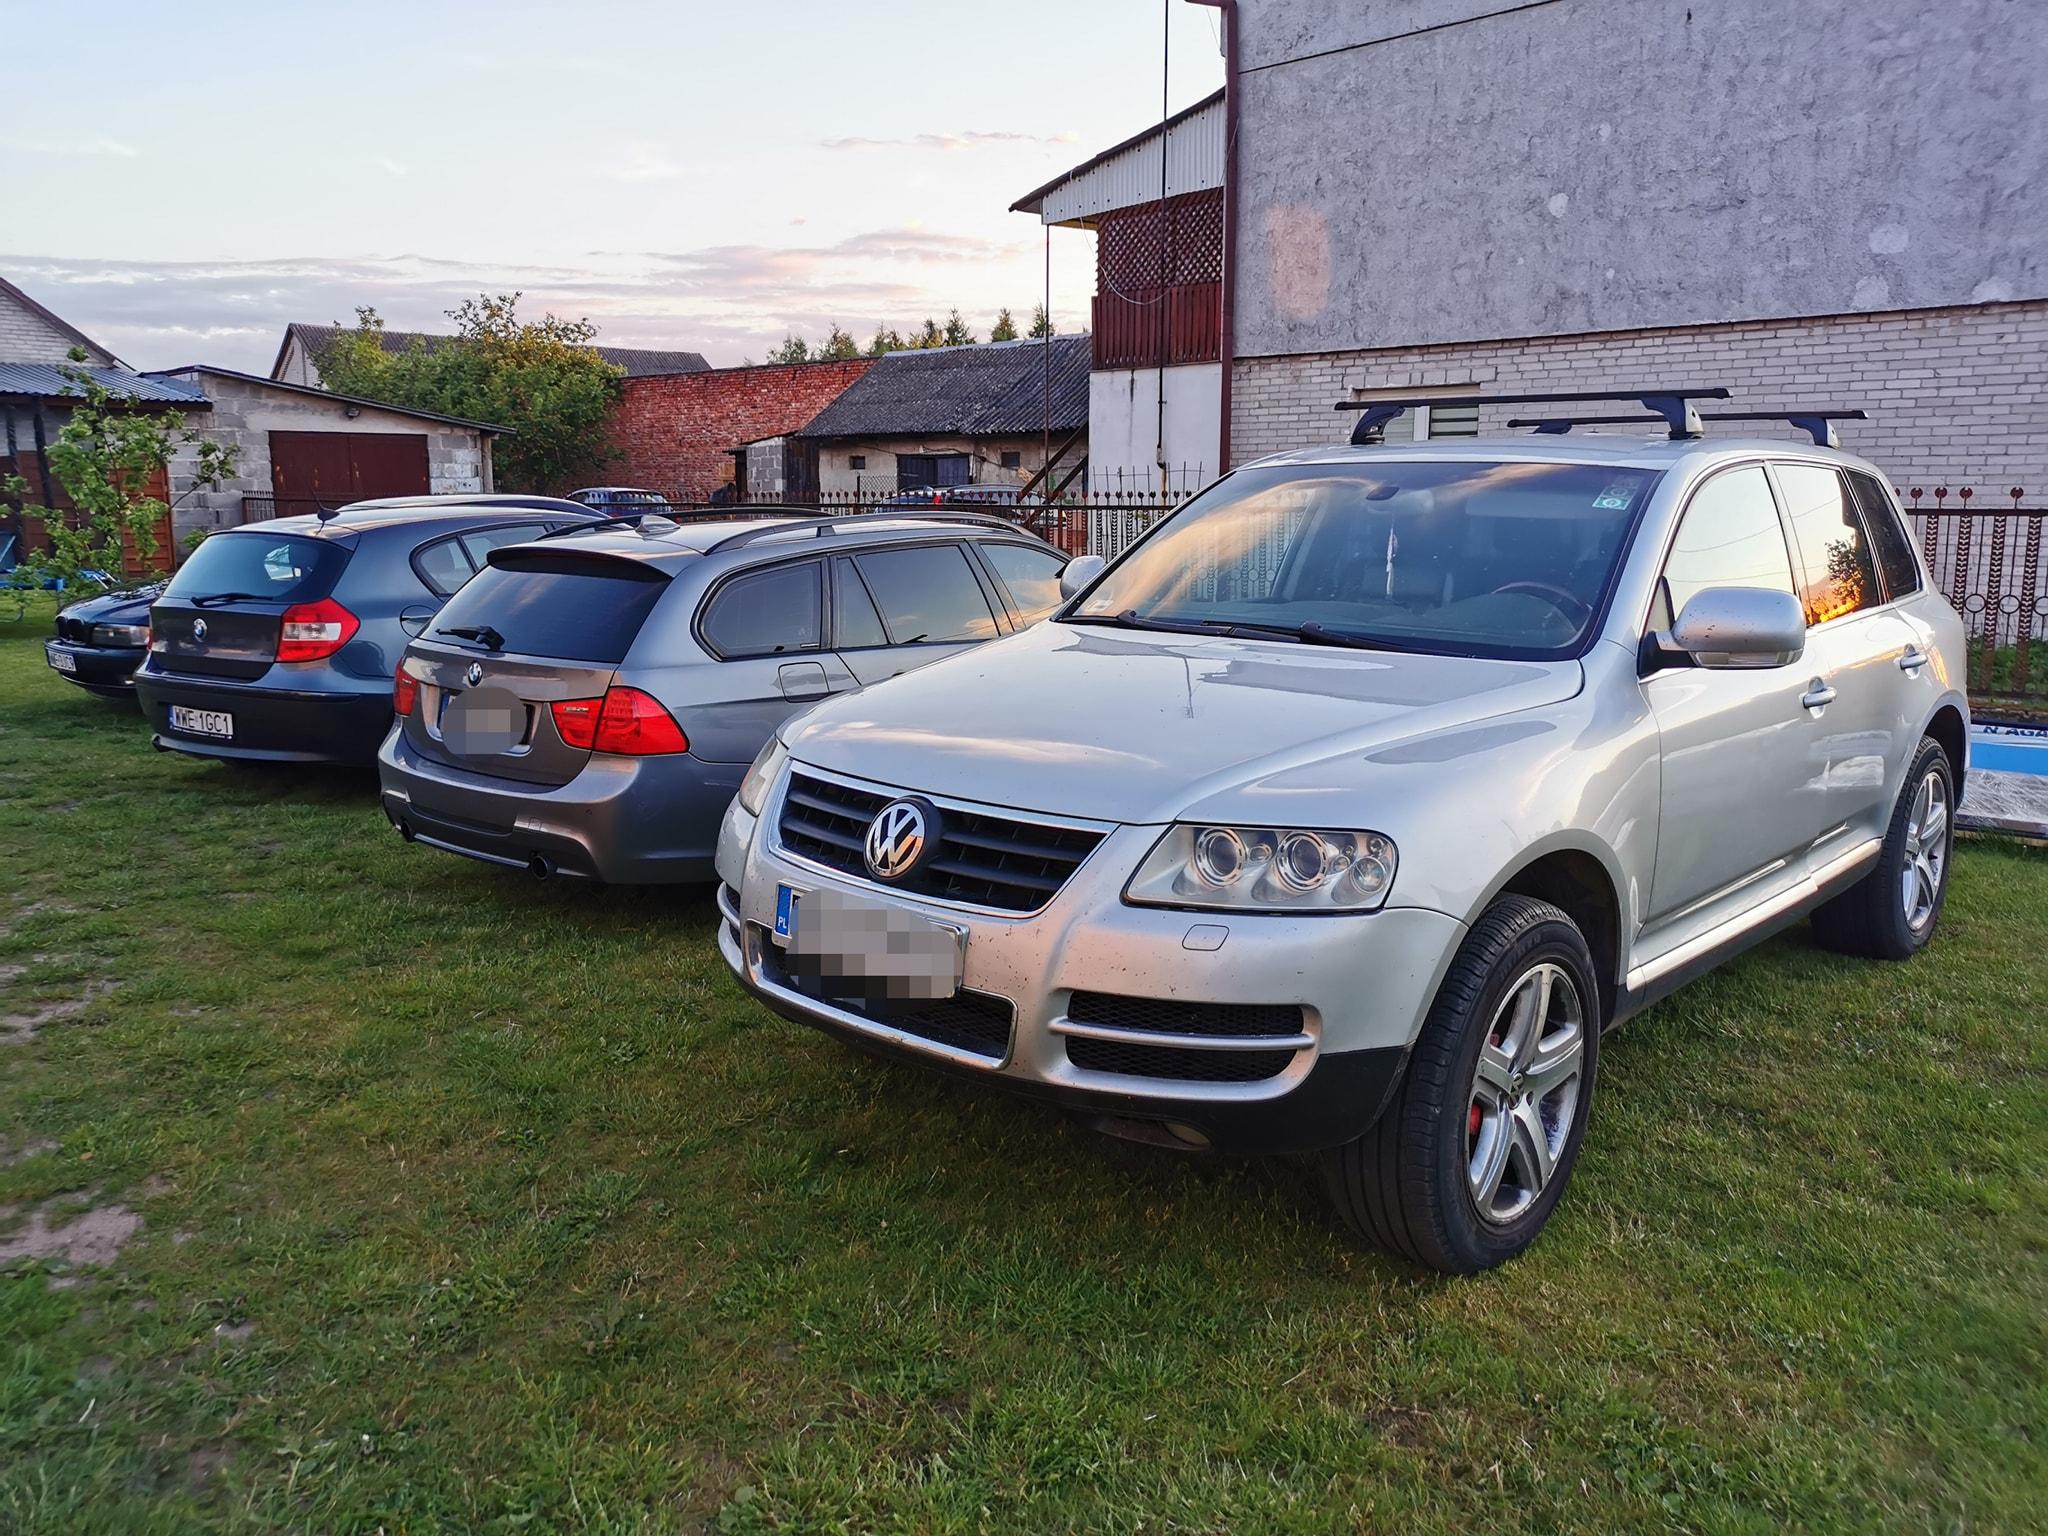 VW Touareg 5.0TDI V10 313KM >>386KM 993Nm